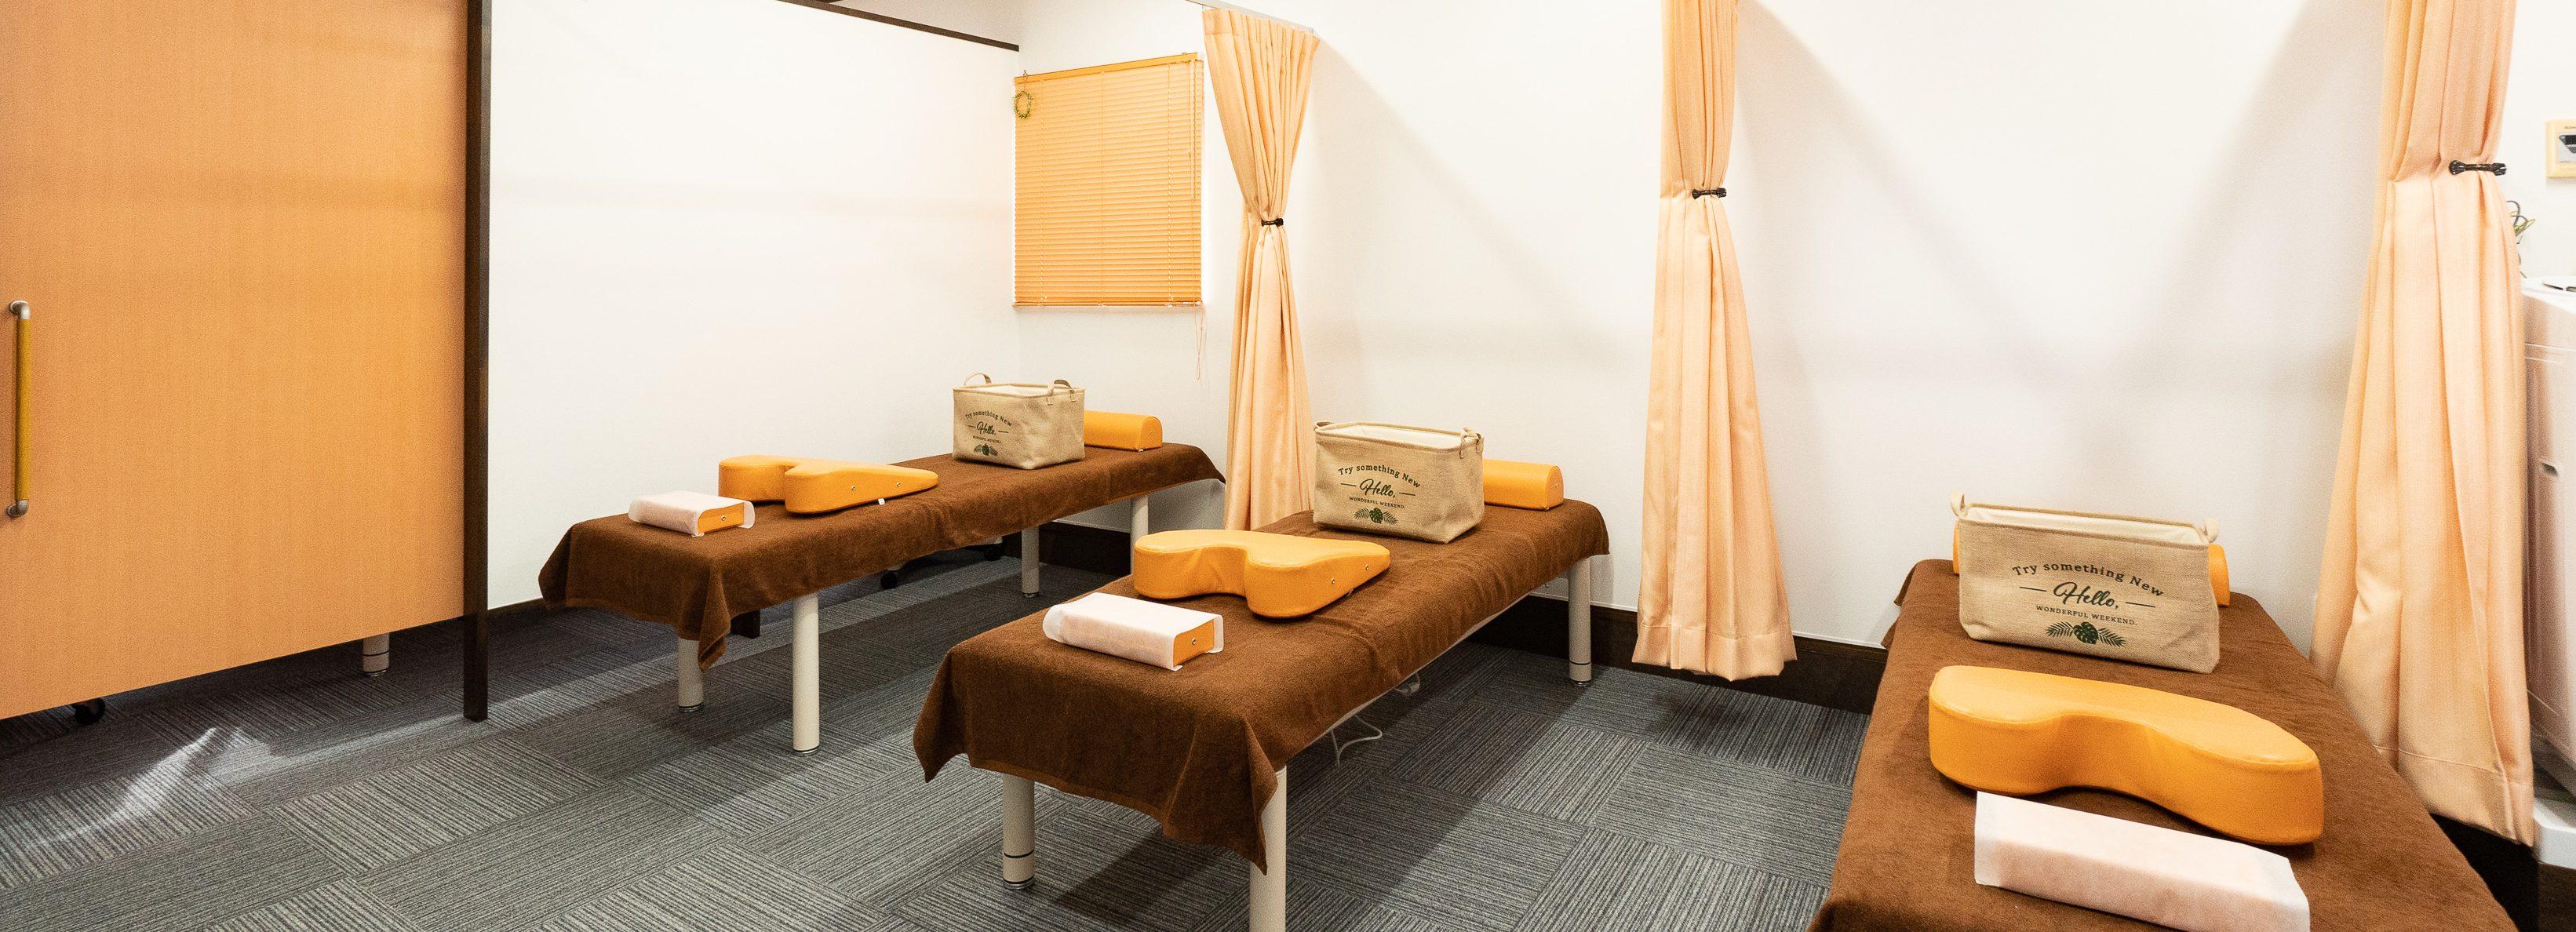 初めての方へ|伊達市のPEP鍼灸整骨院マッサージ指圧院